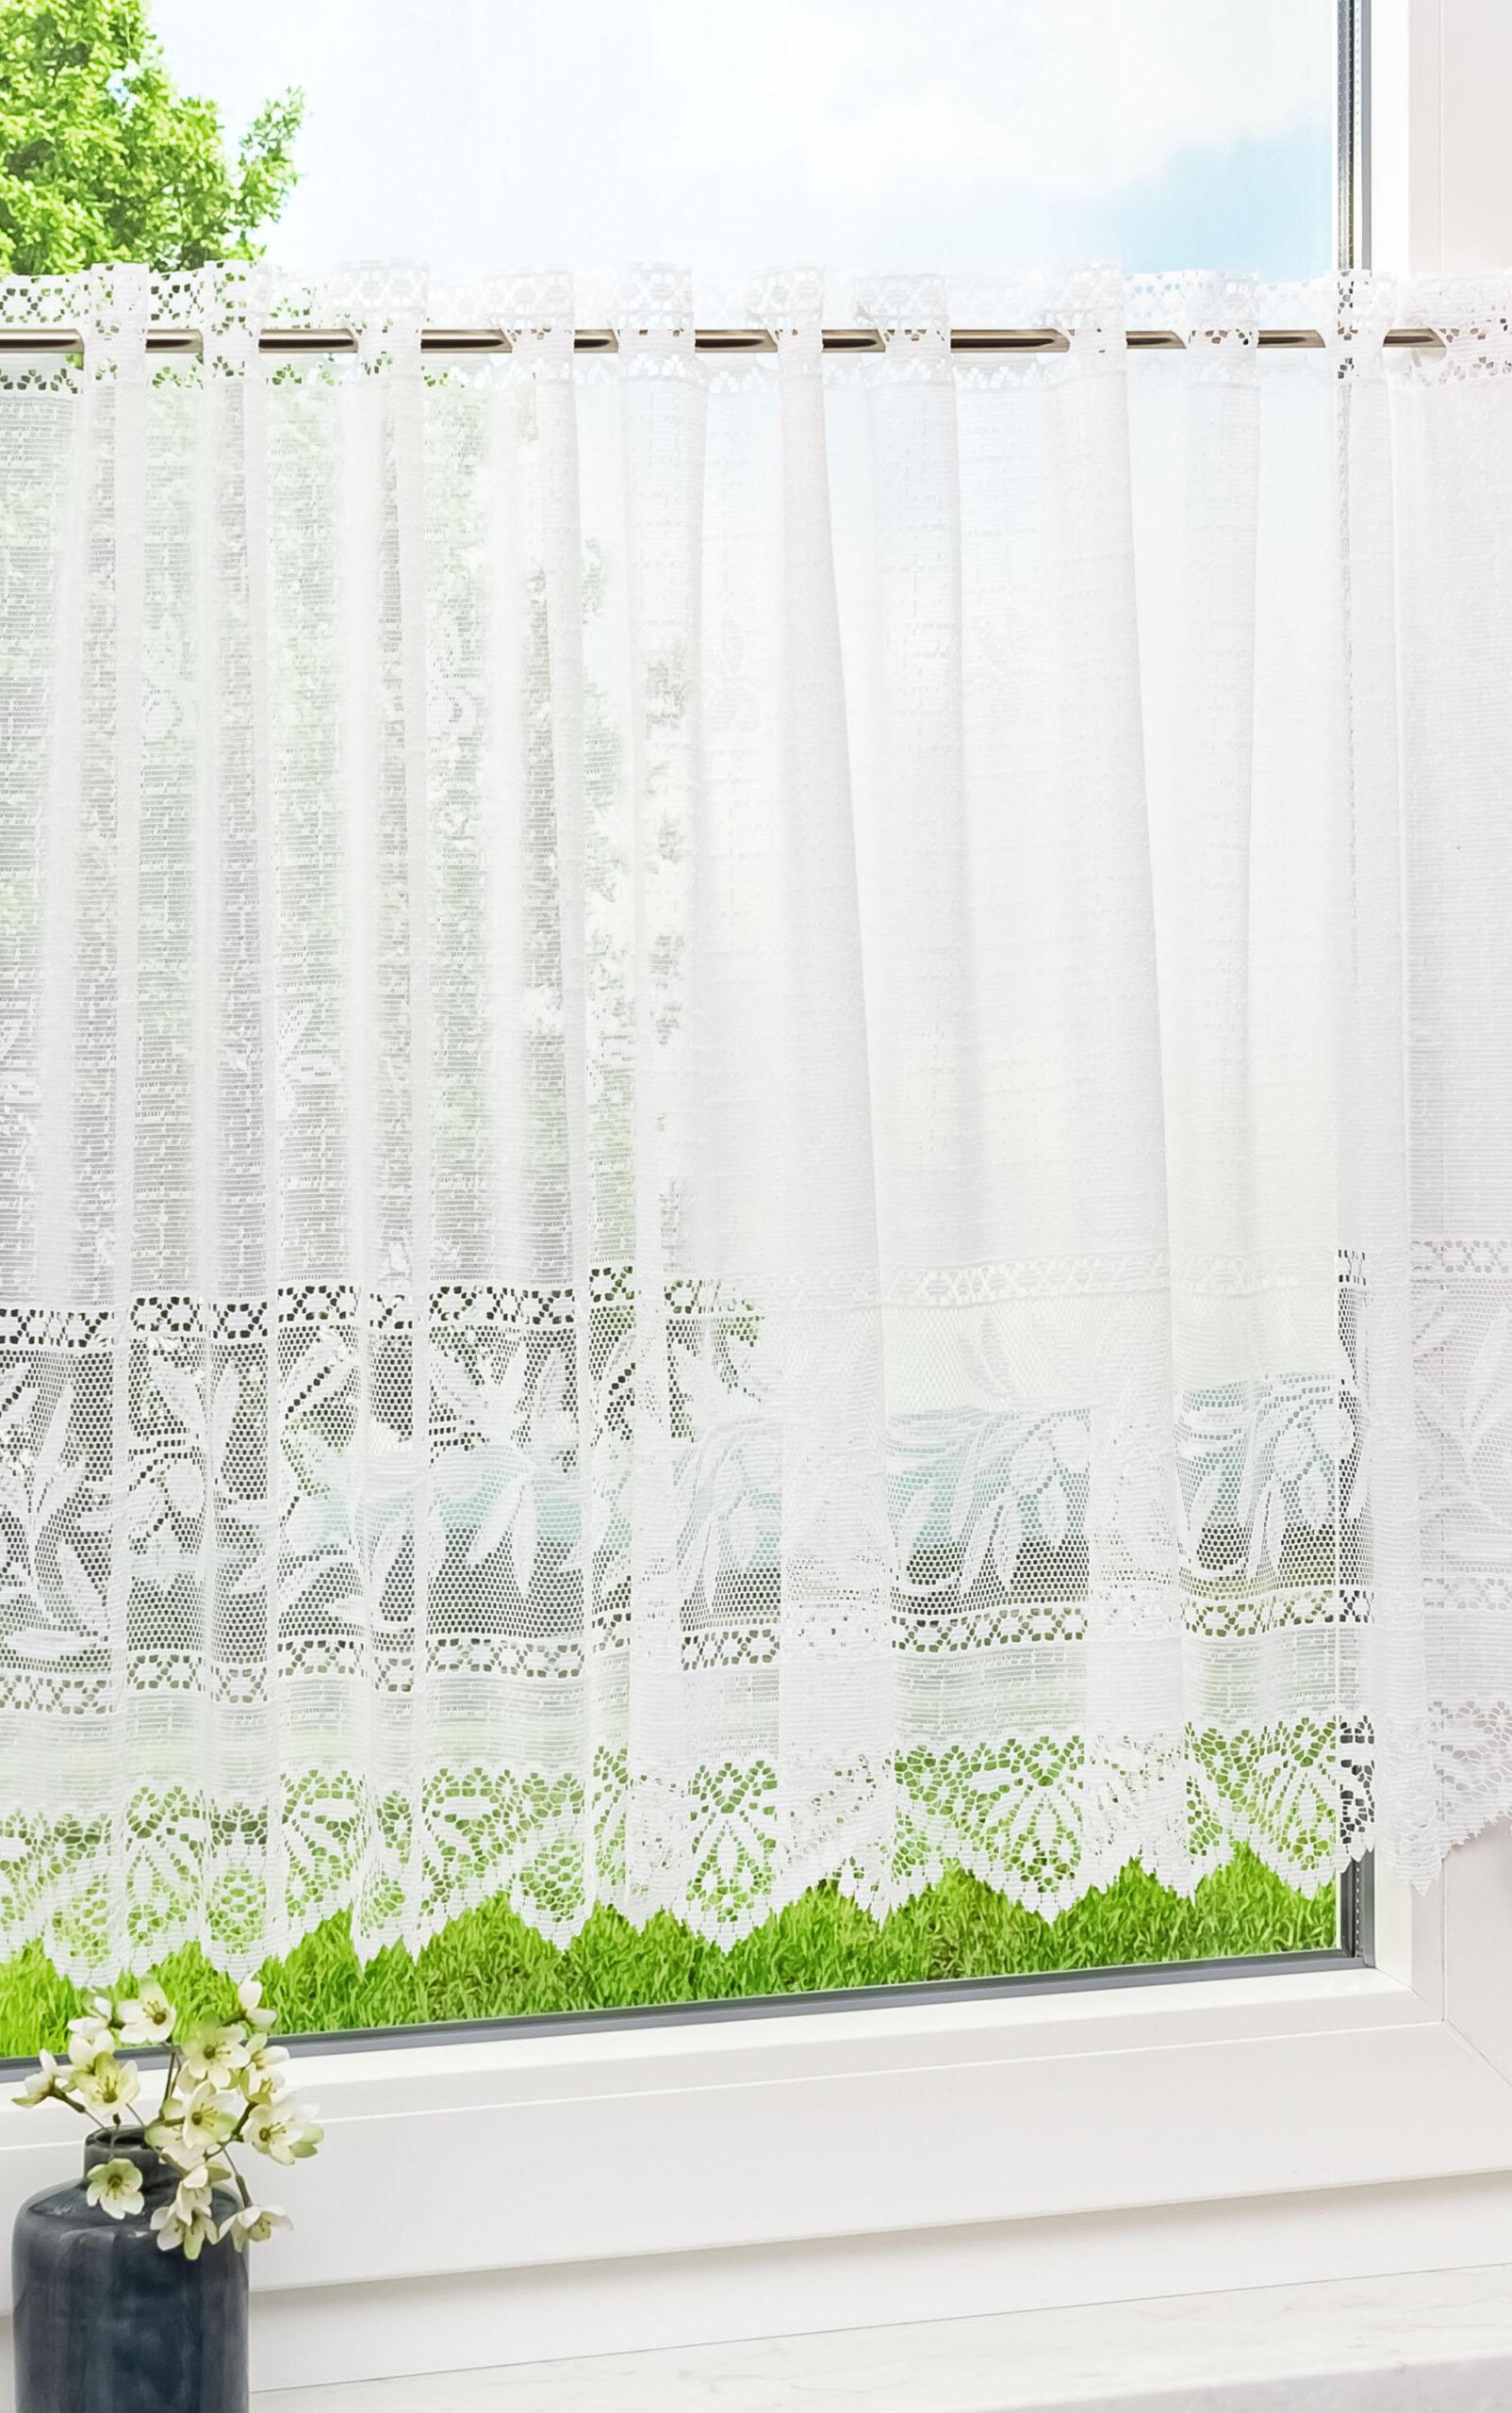 Full Size of Scheibengardinen Modern Klassisch Bistrogardinen Auf Moderne Duschen Küche Holz Deckenleuchte Wohnzimmer Bilder Fürs Modernes Bett 180x200 Schlafzimmer Weiss Wohnzimmer Scheibengardinen Modern